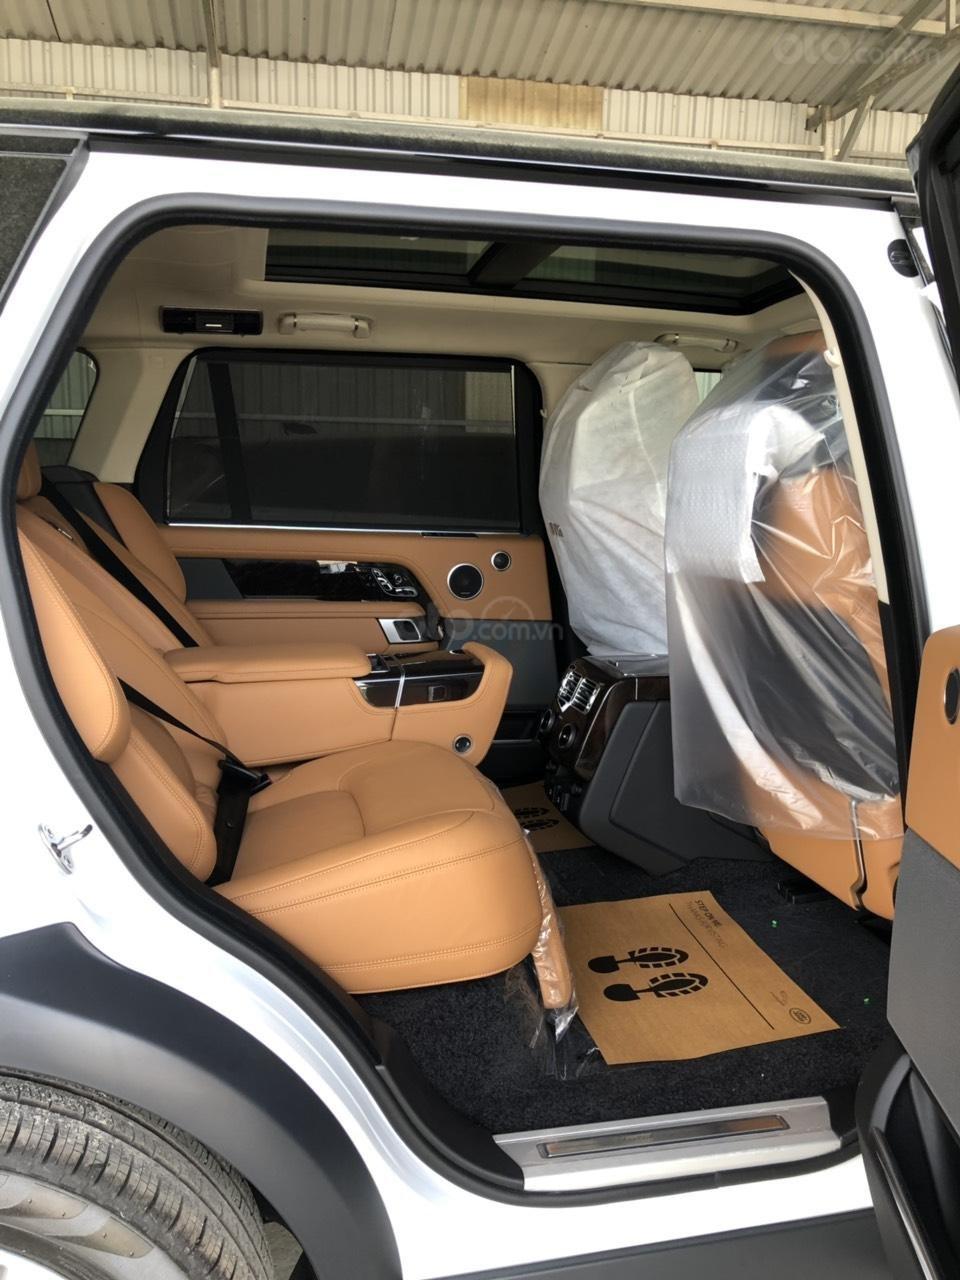 093 22222 53 bán LandRover Range Rover Autobiography Long 2019, màu trắng, đen, xanh, xám - giao xe - toàn quốc (10)